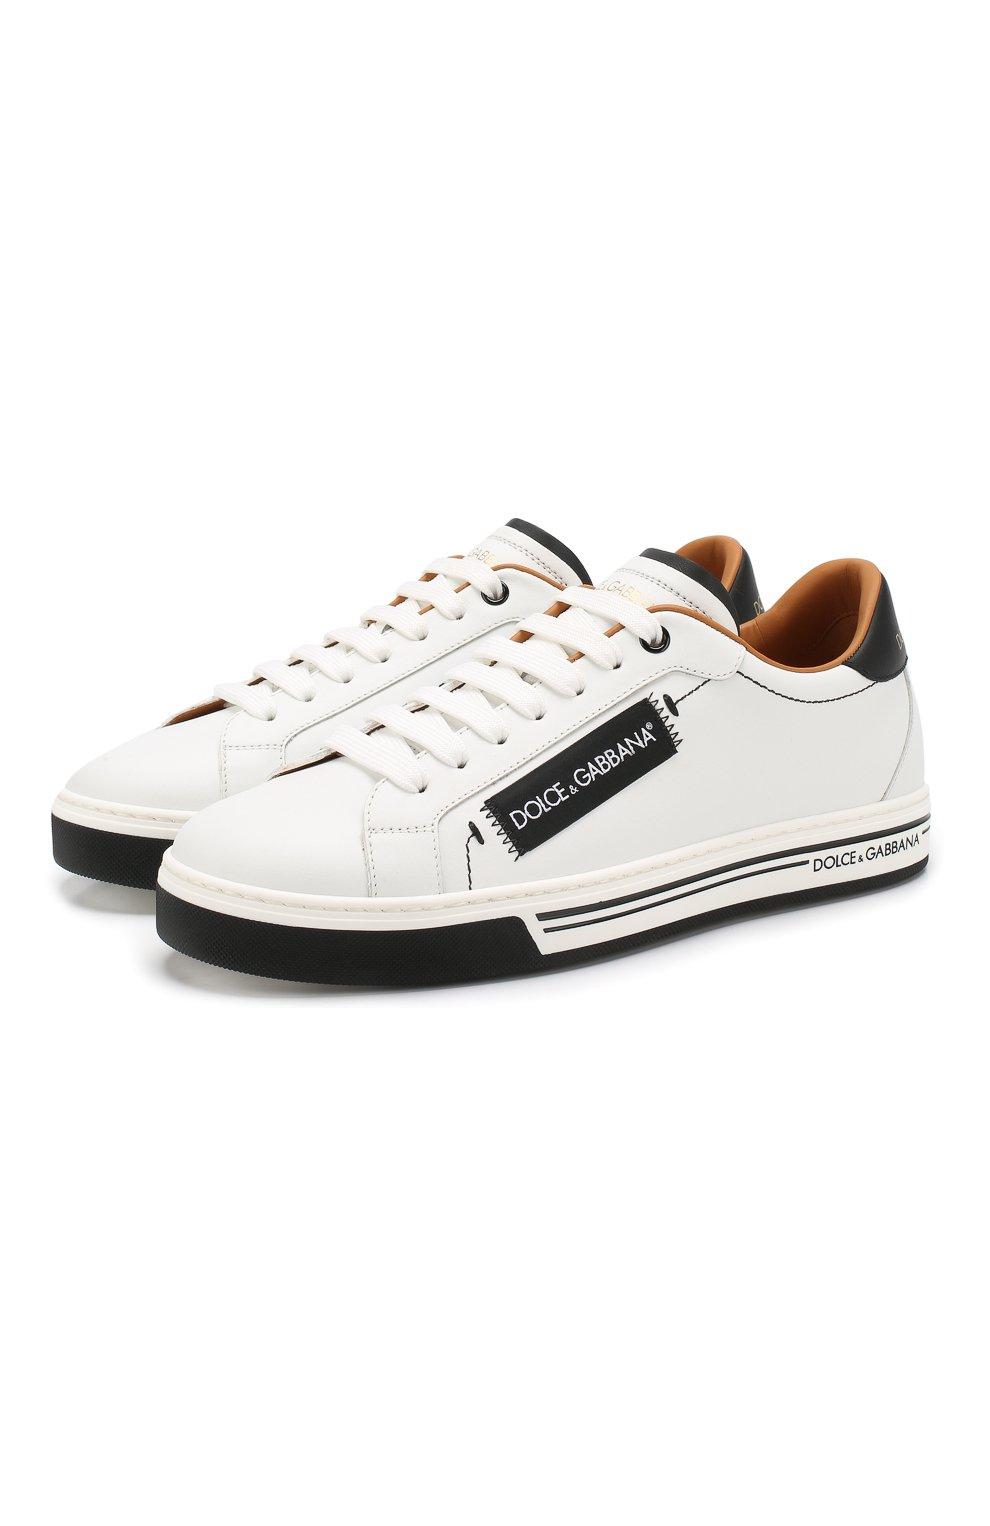 851f3e4a Мужская обувь Dolce & Gabbana по цене от 16 250 руб. купить в  интернет-магазине ЦУМ